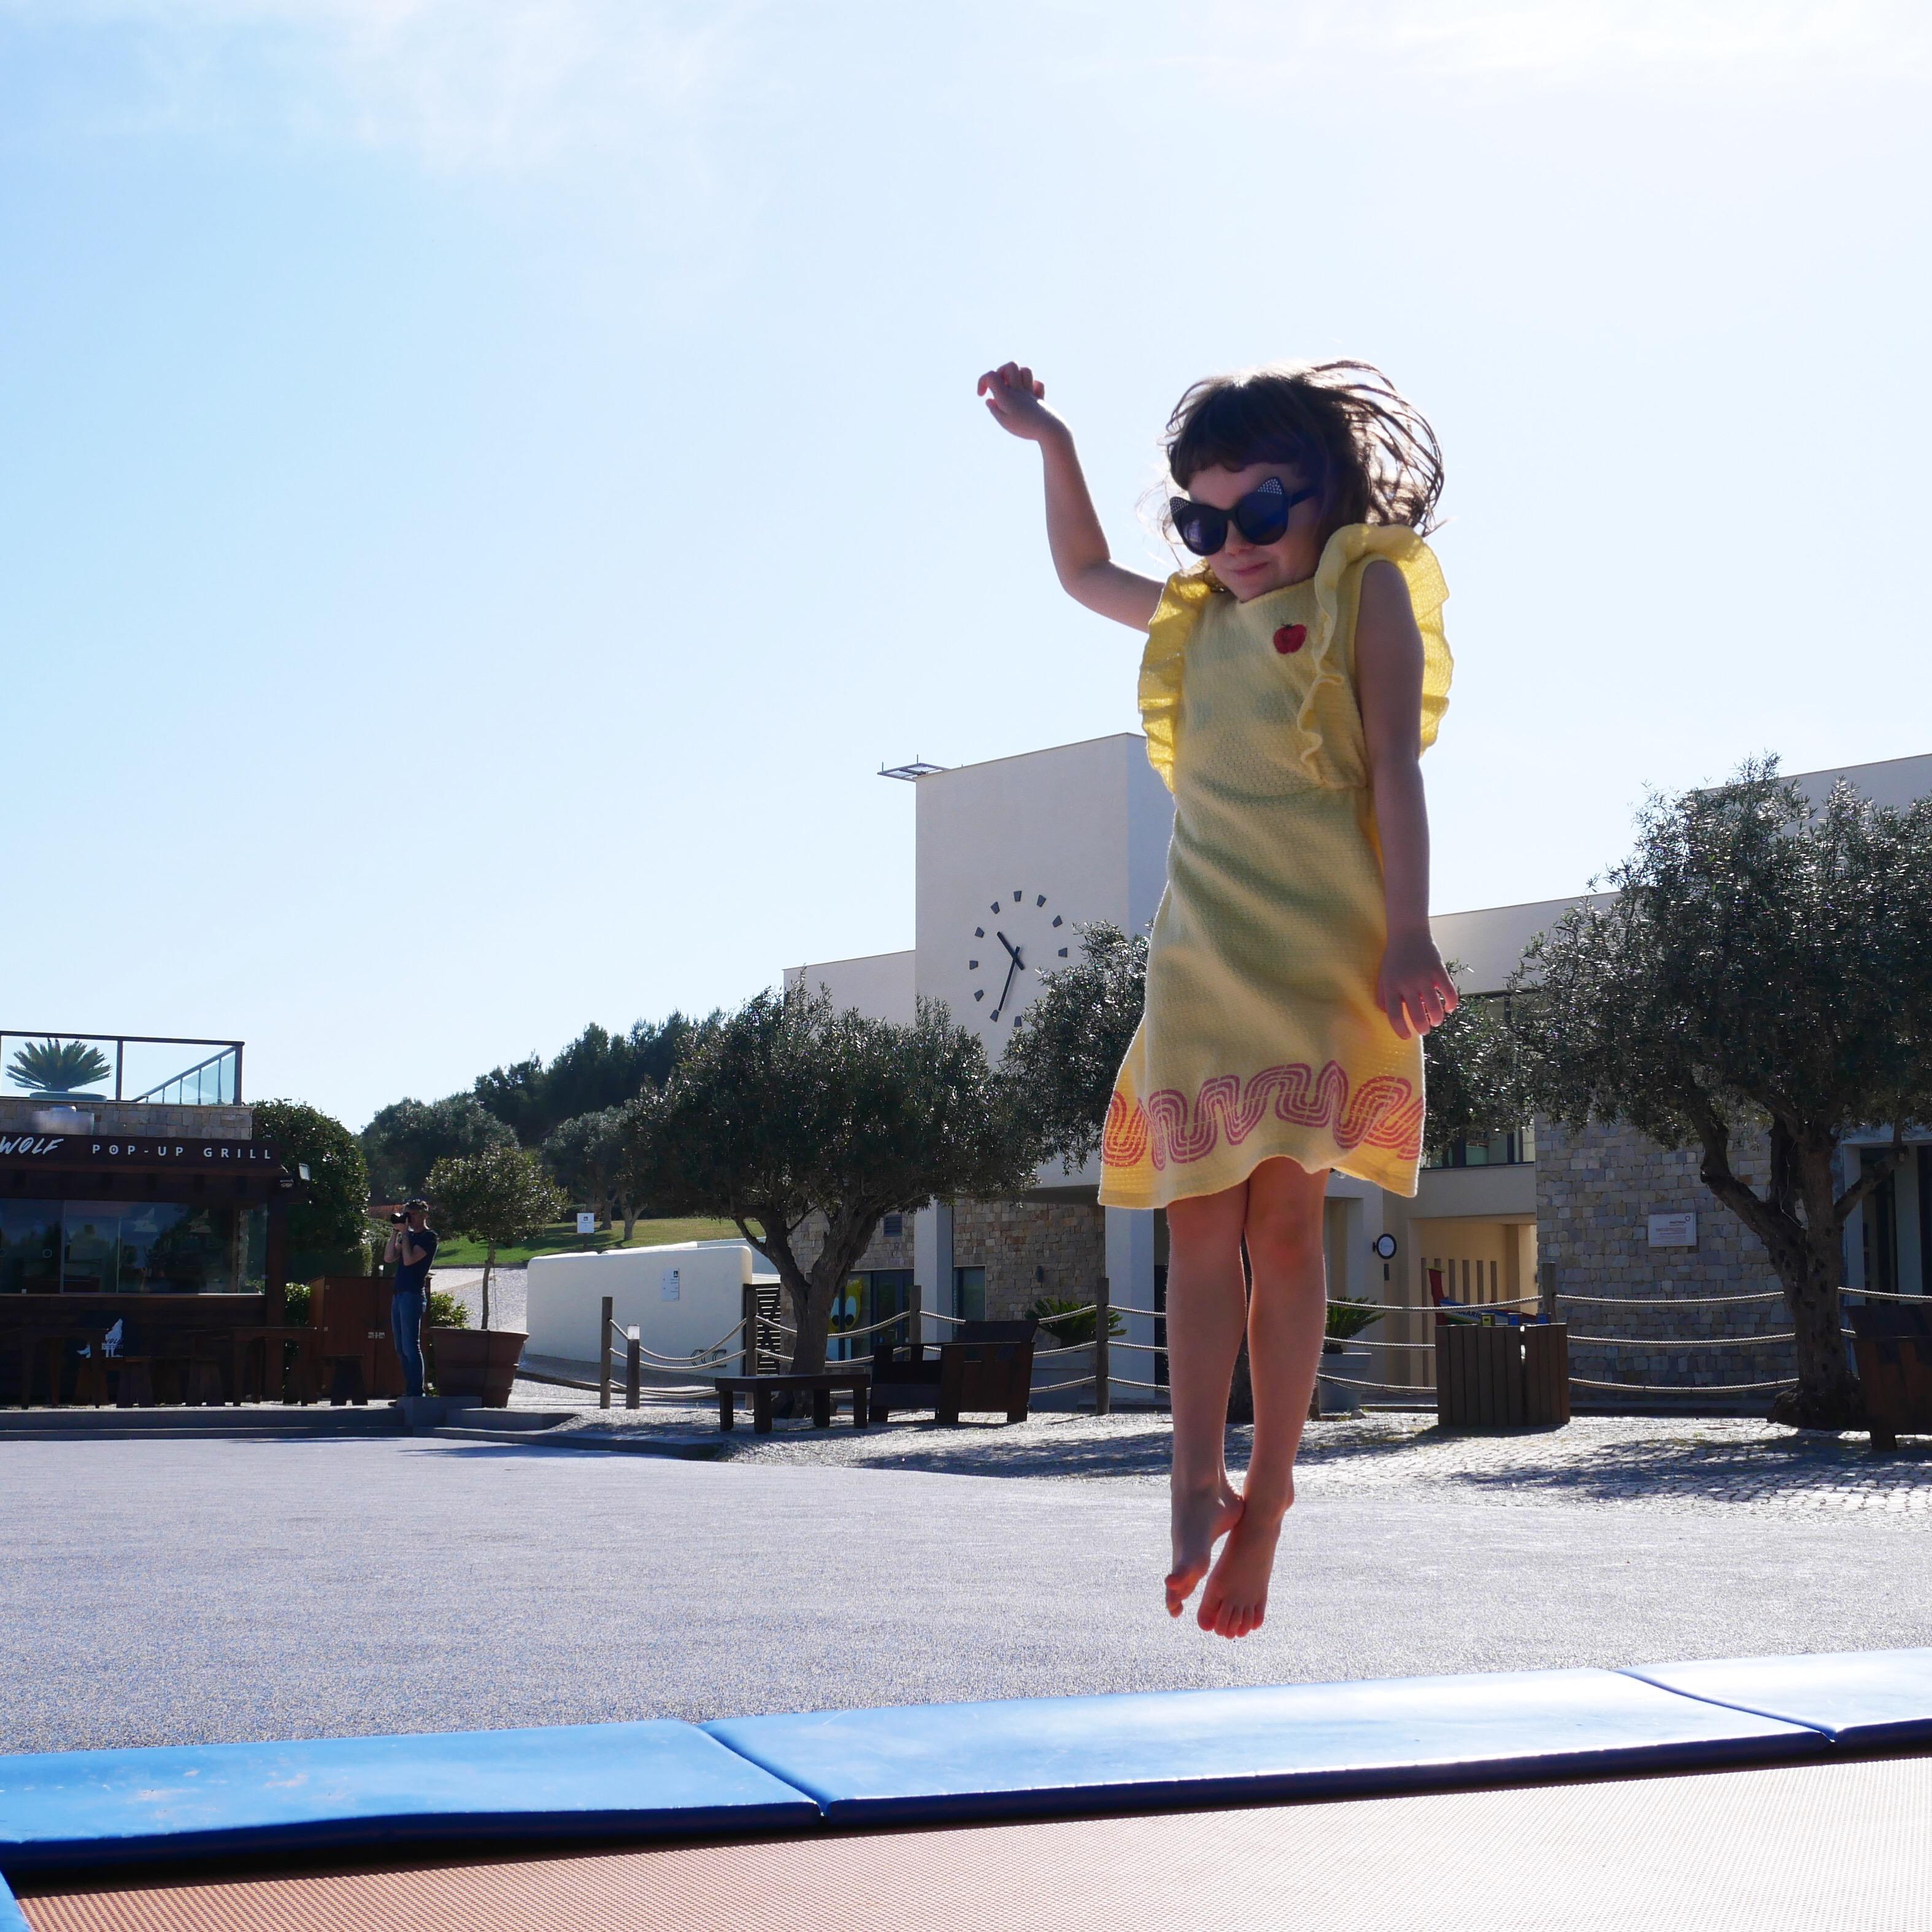 martinhal sagres trampoline